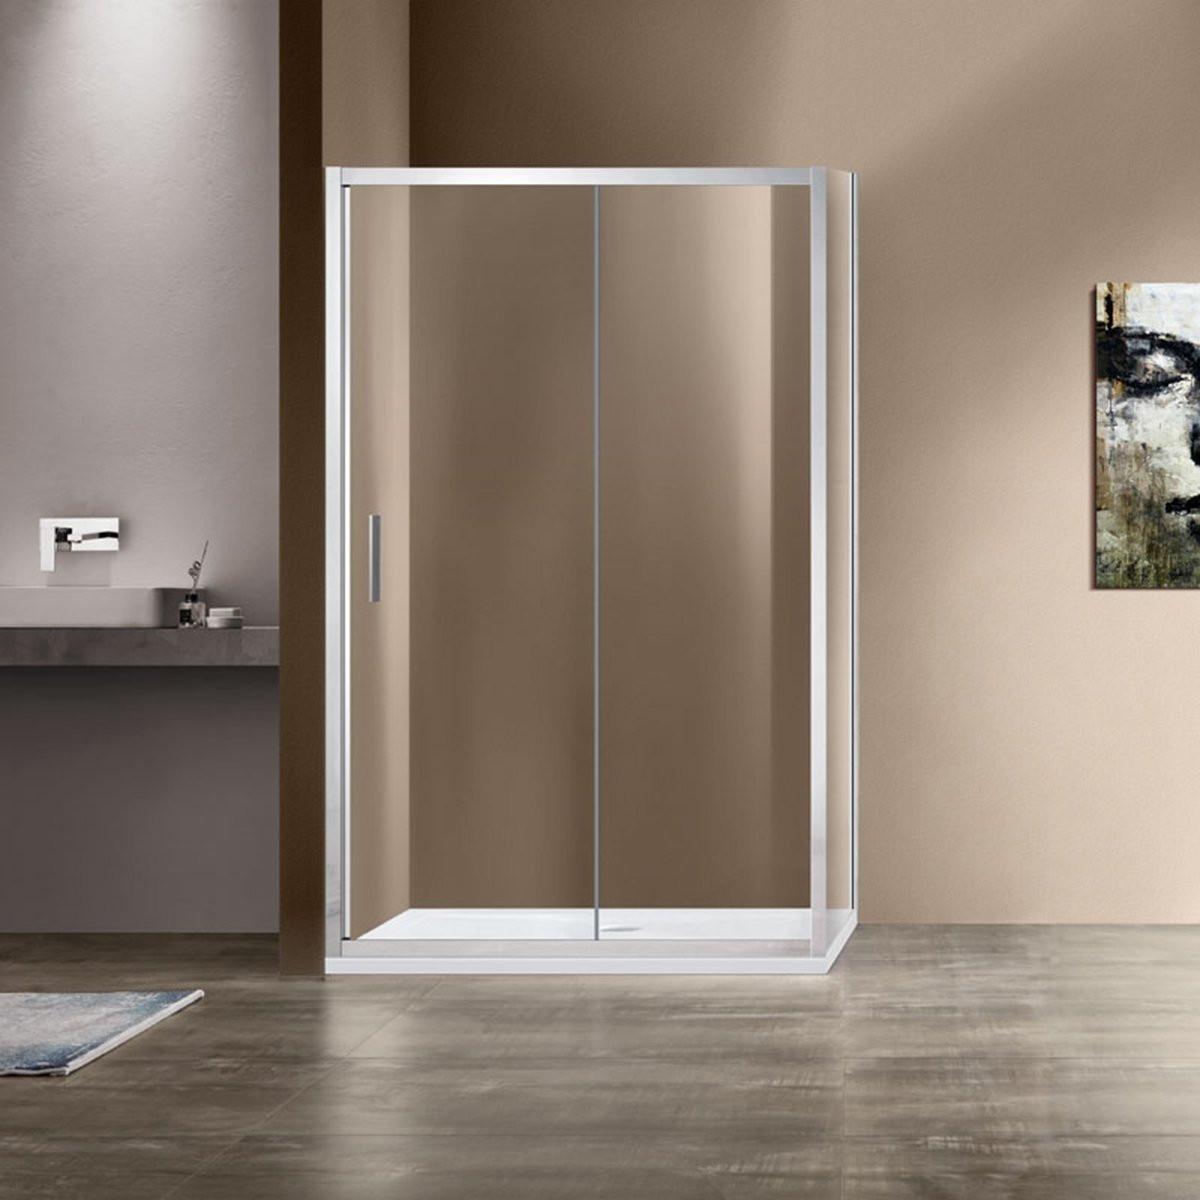 Душевой уголок Garda VSR-1G8013CL, 1300*800, хром, стекло прозрачное